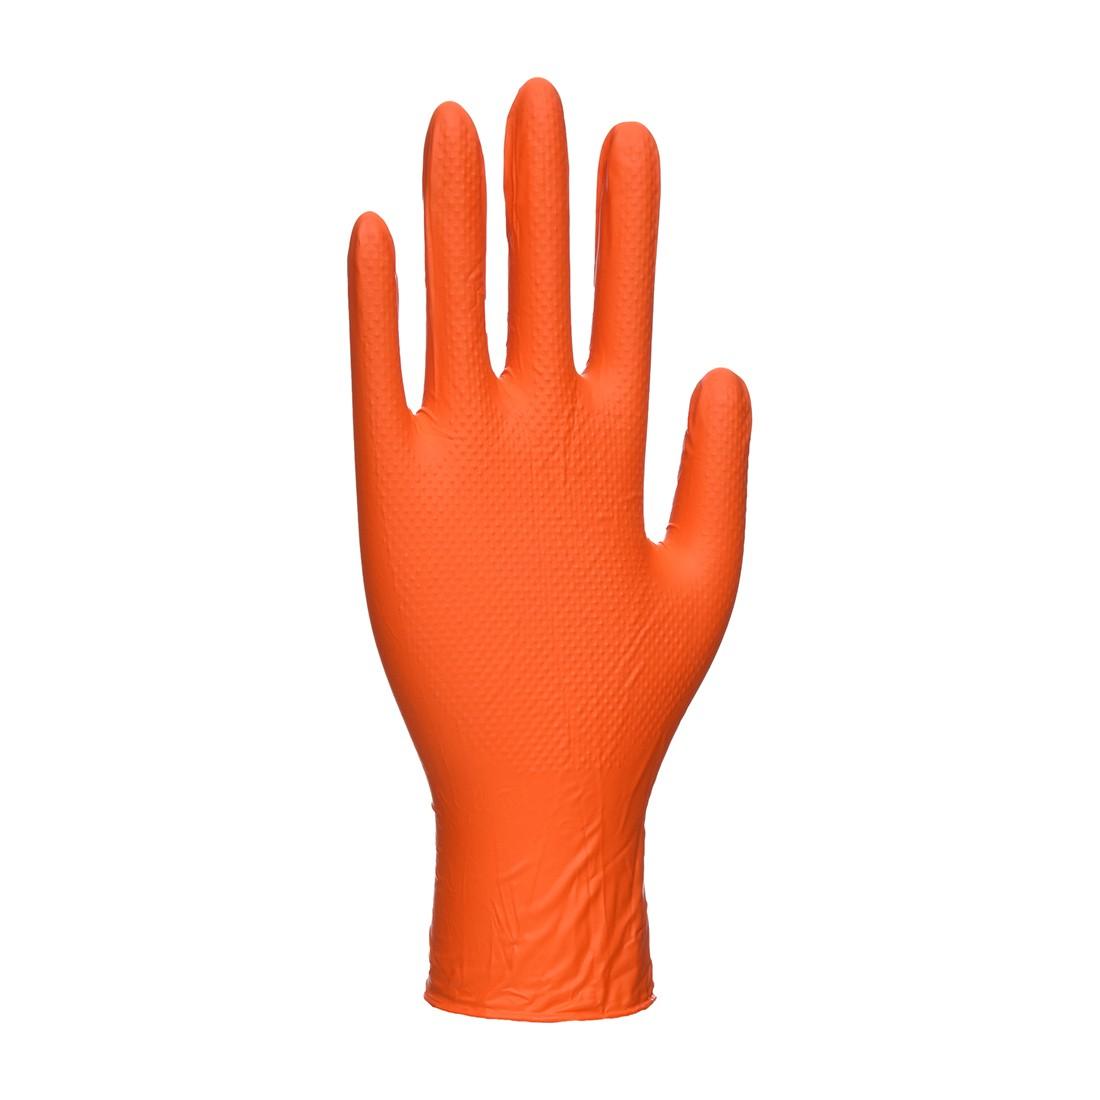 Manusi de unica folosinta Portwest Orange HD - Echipamente de protectie personala